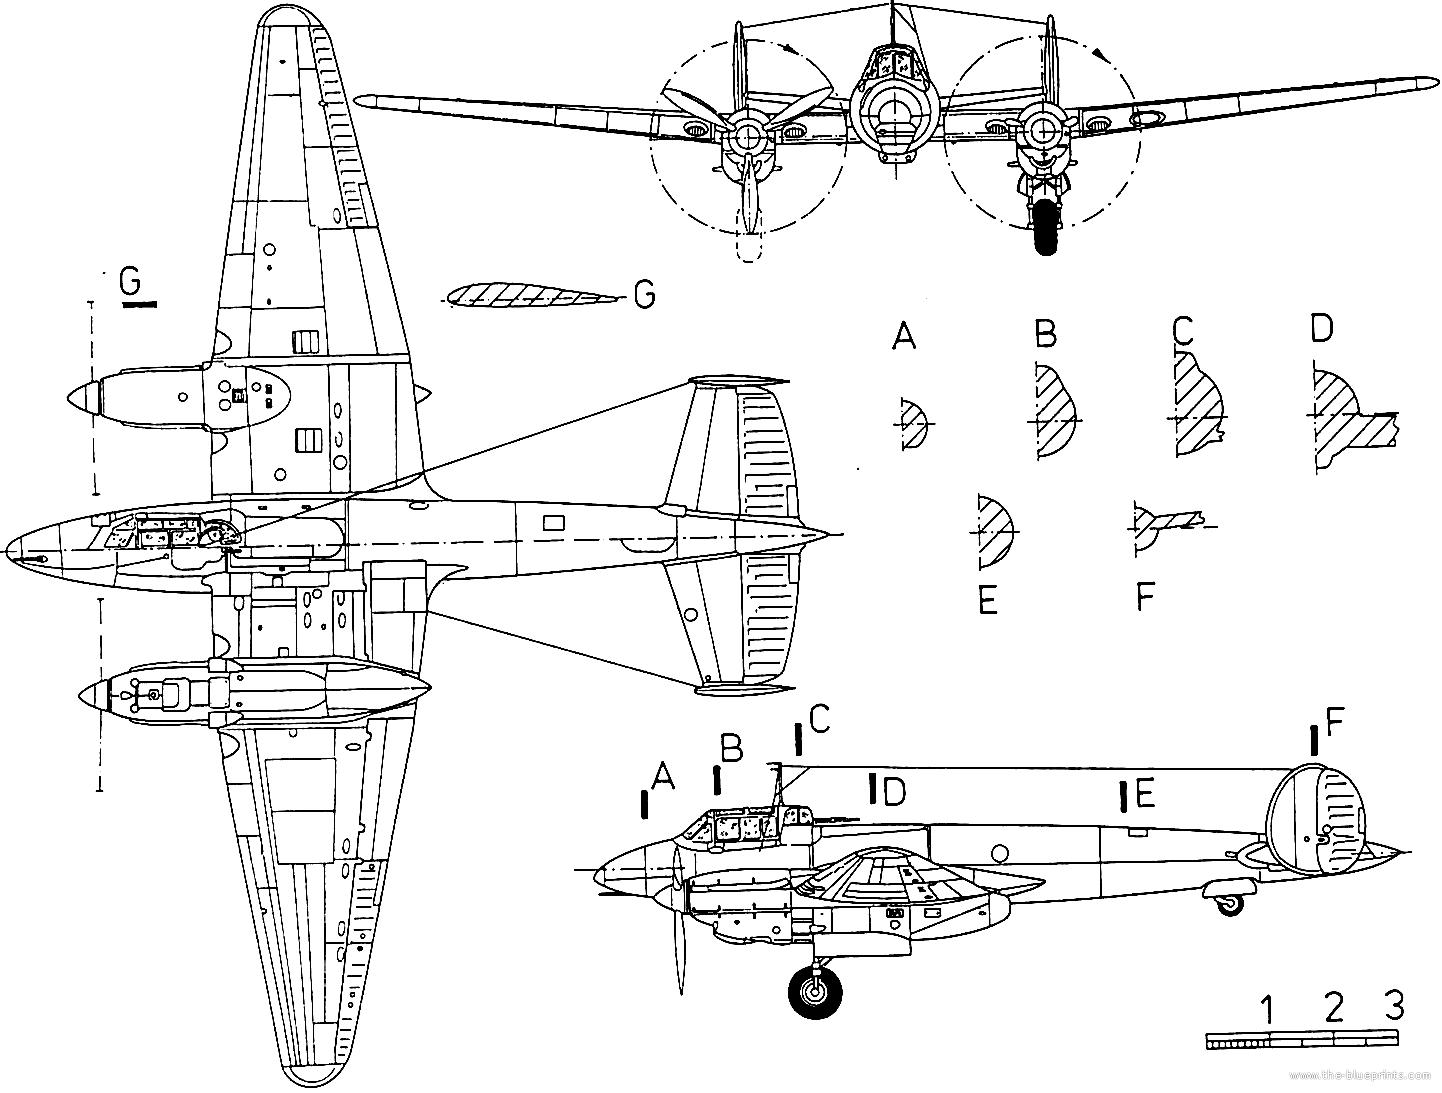 Blueprints ww2 airplanes ww2 russian petlyakov pe 3 petlyakov pe 3 malvernweather Images